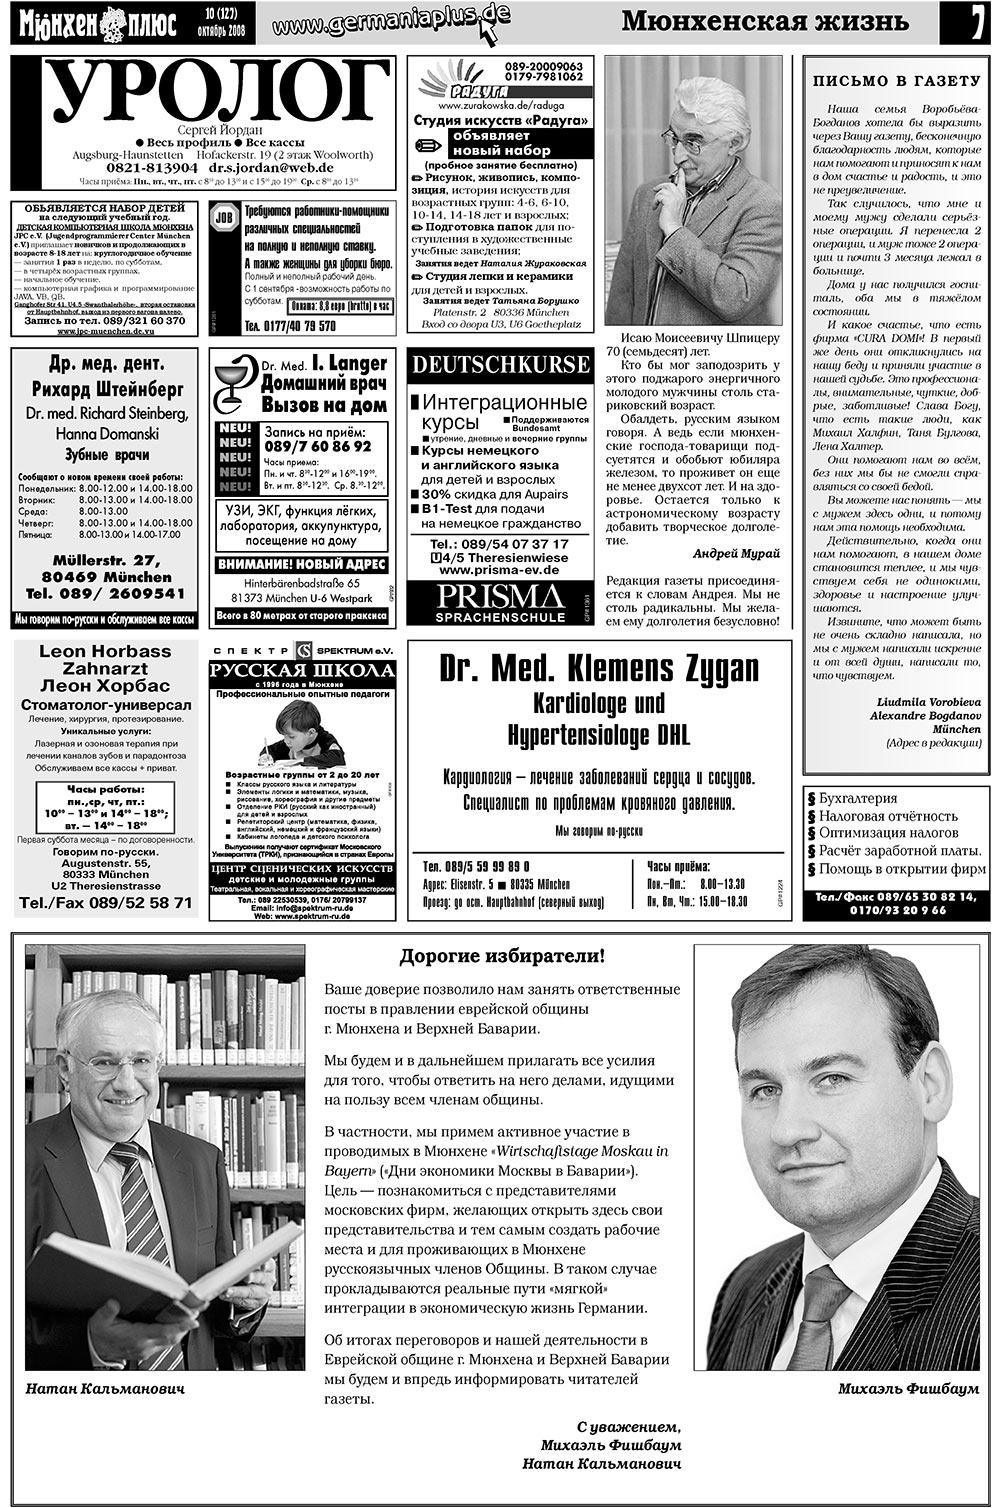 Германия плюс (газета). 2008 год, номер 10, стр. 11